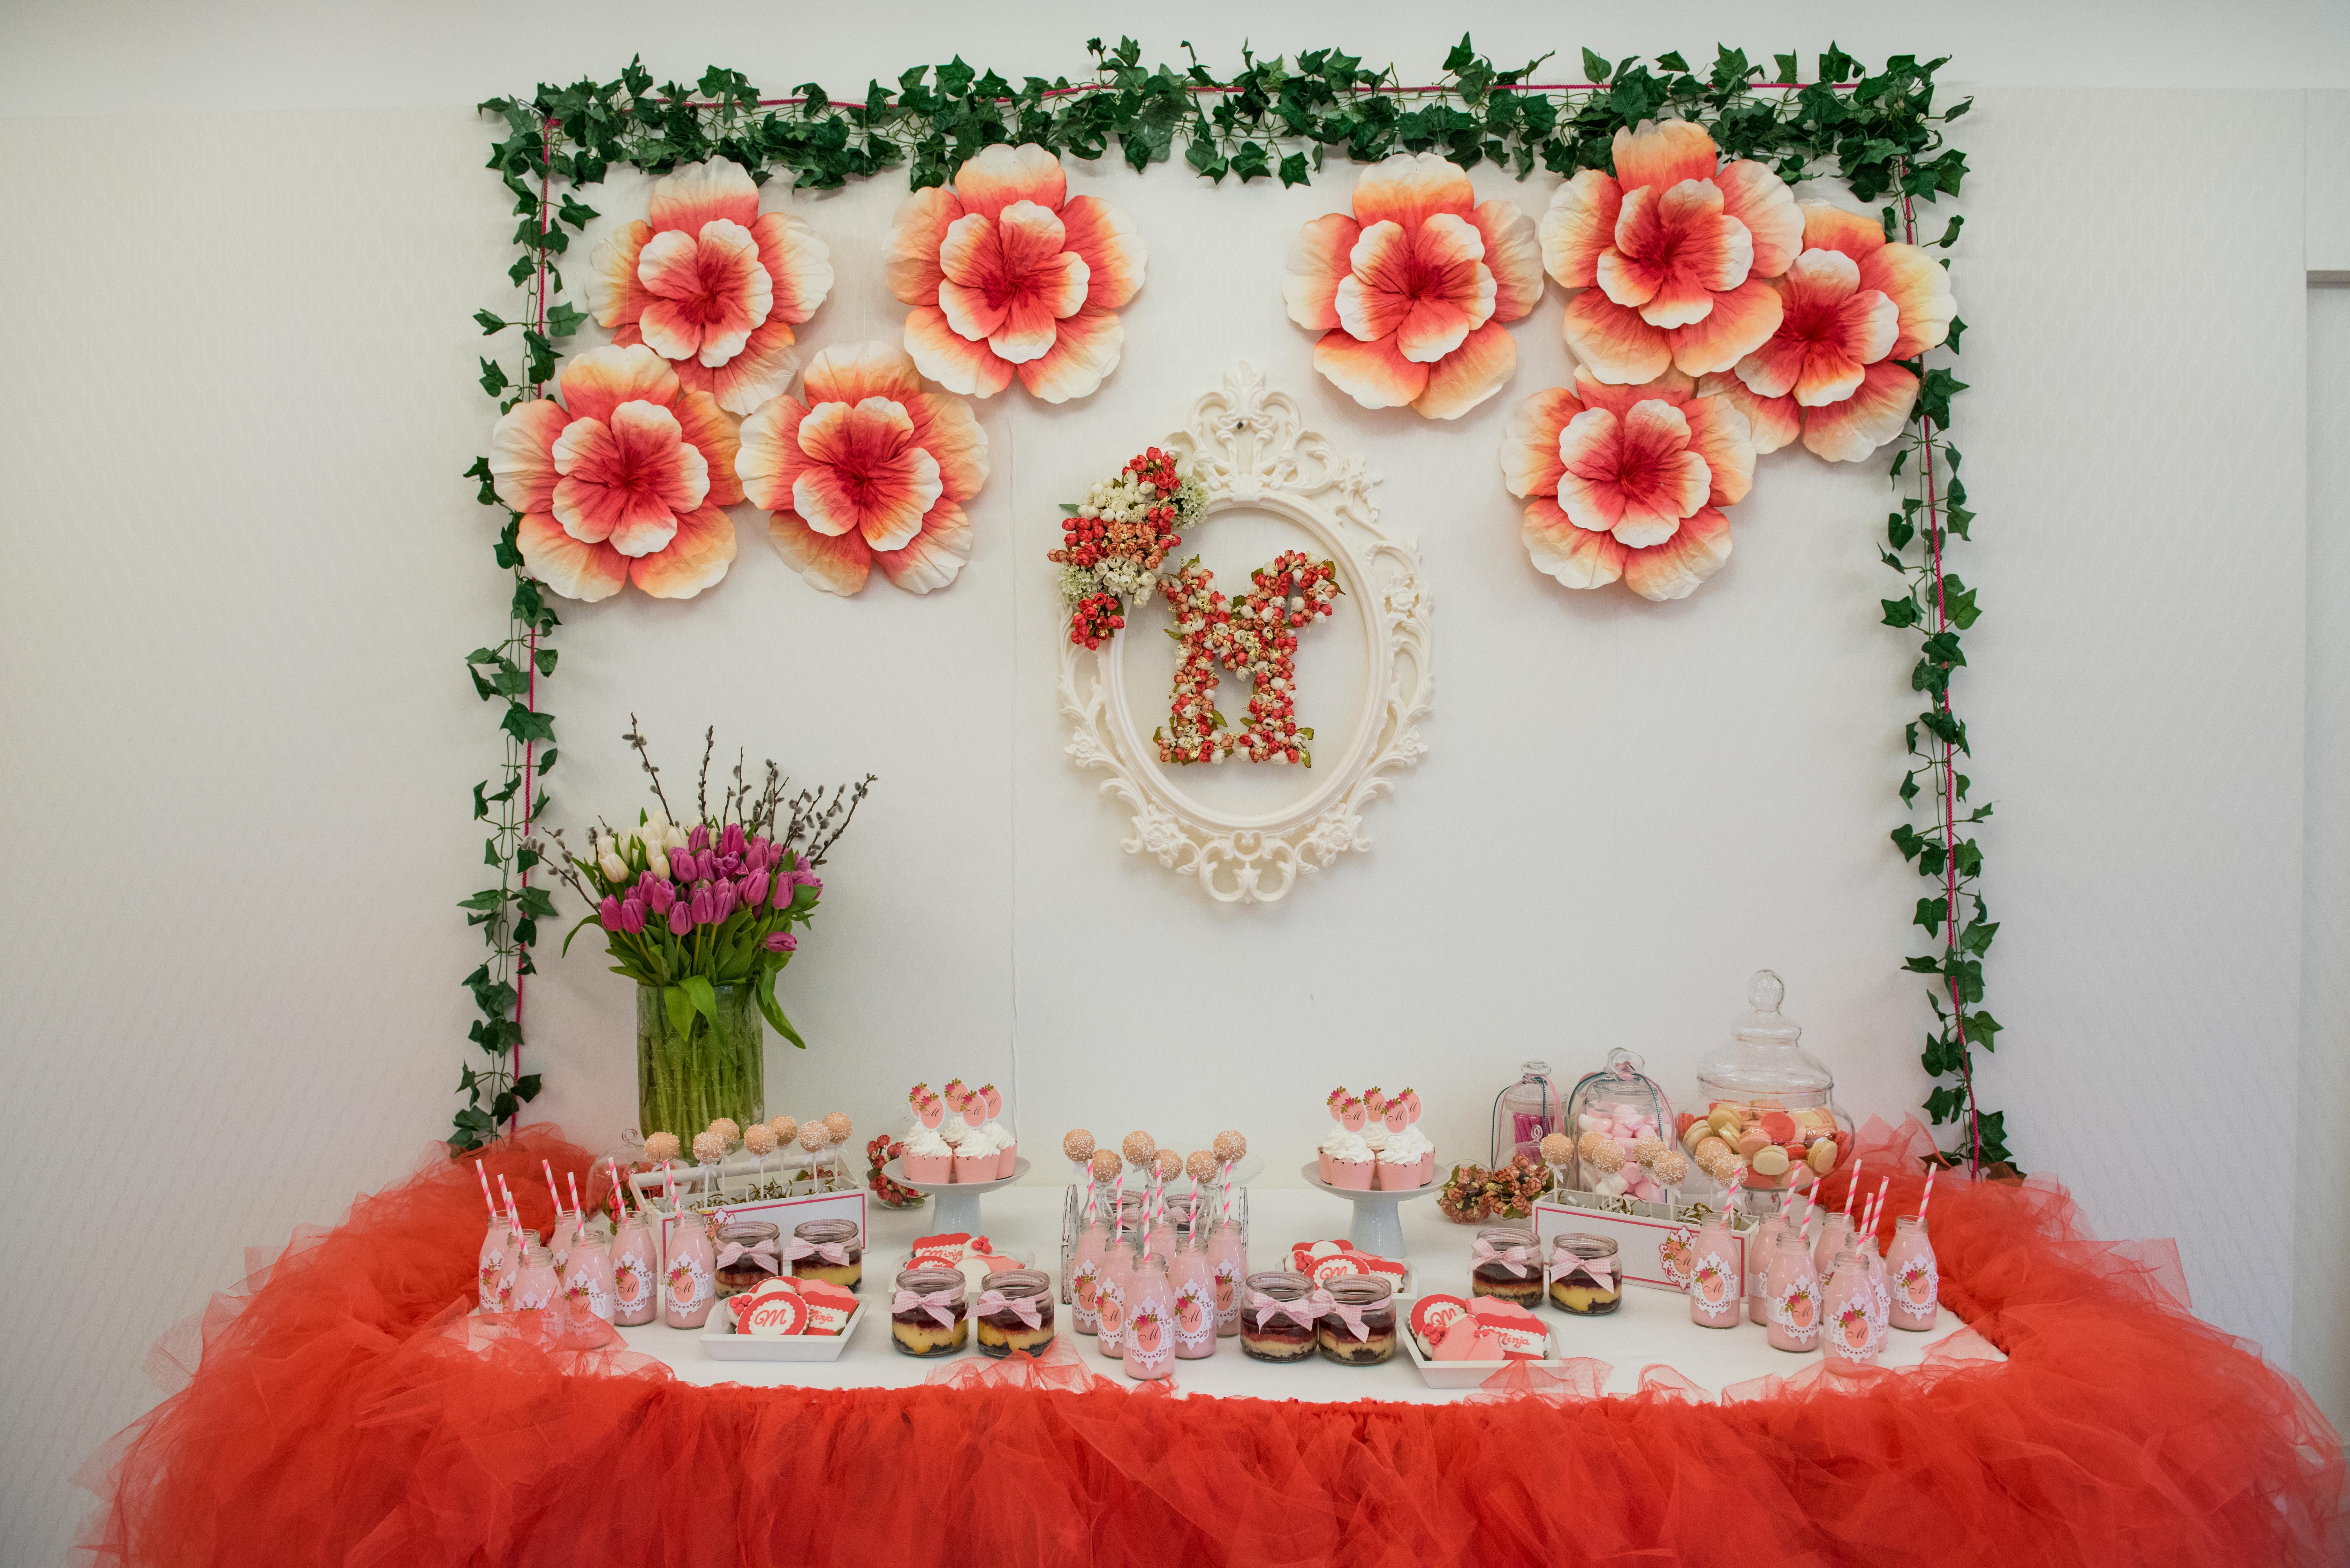 Rodjendan-dekoracije-2016-023